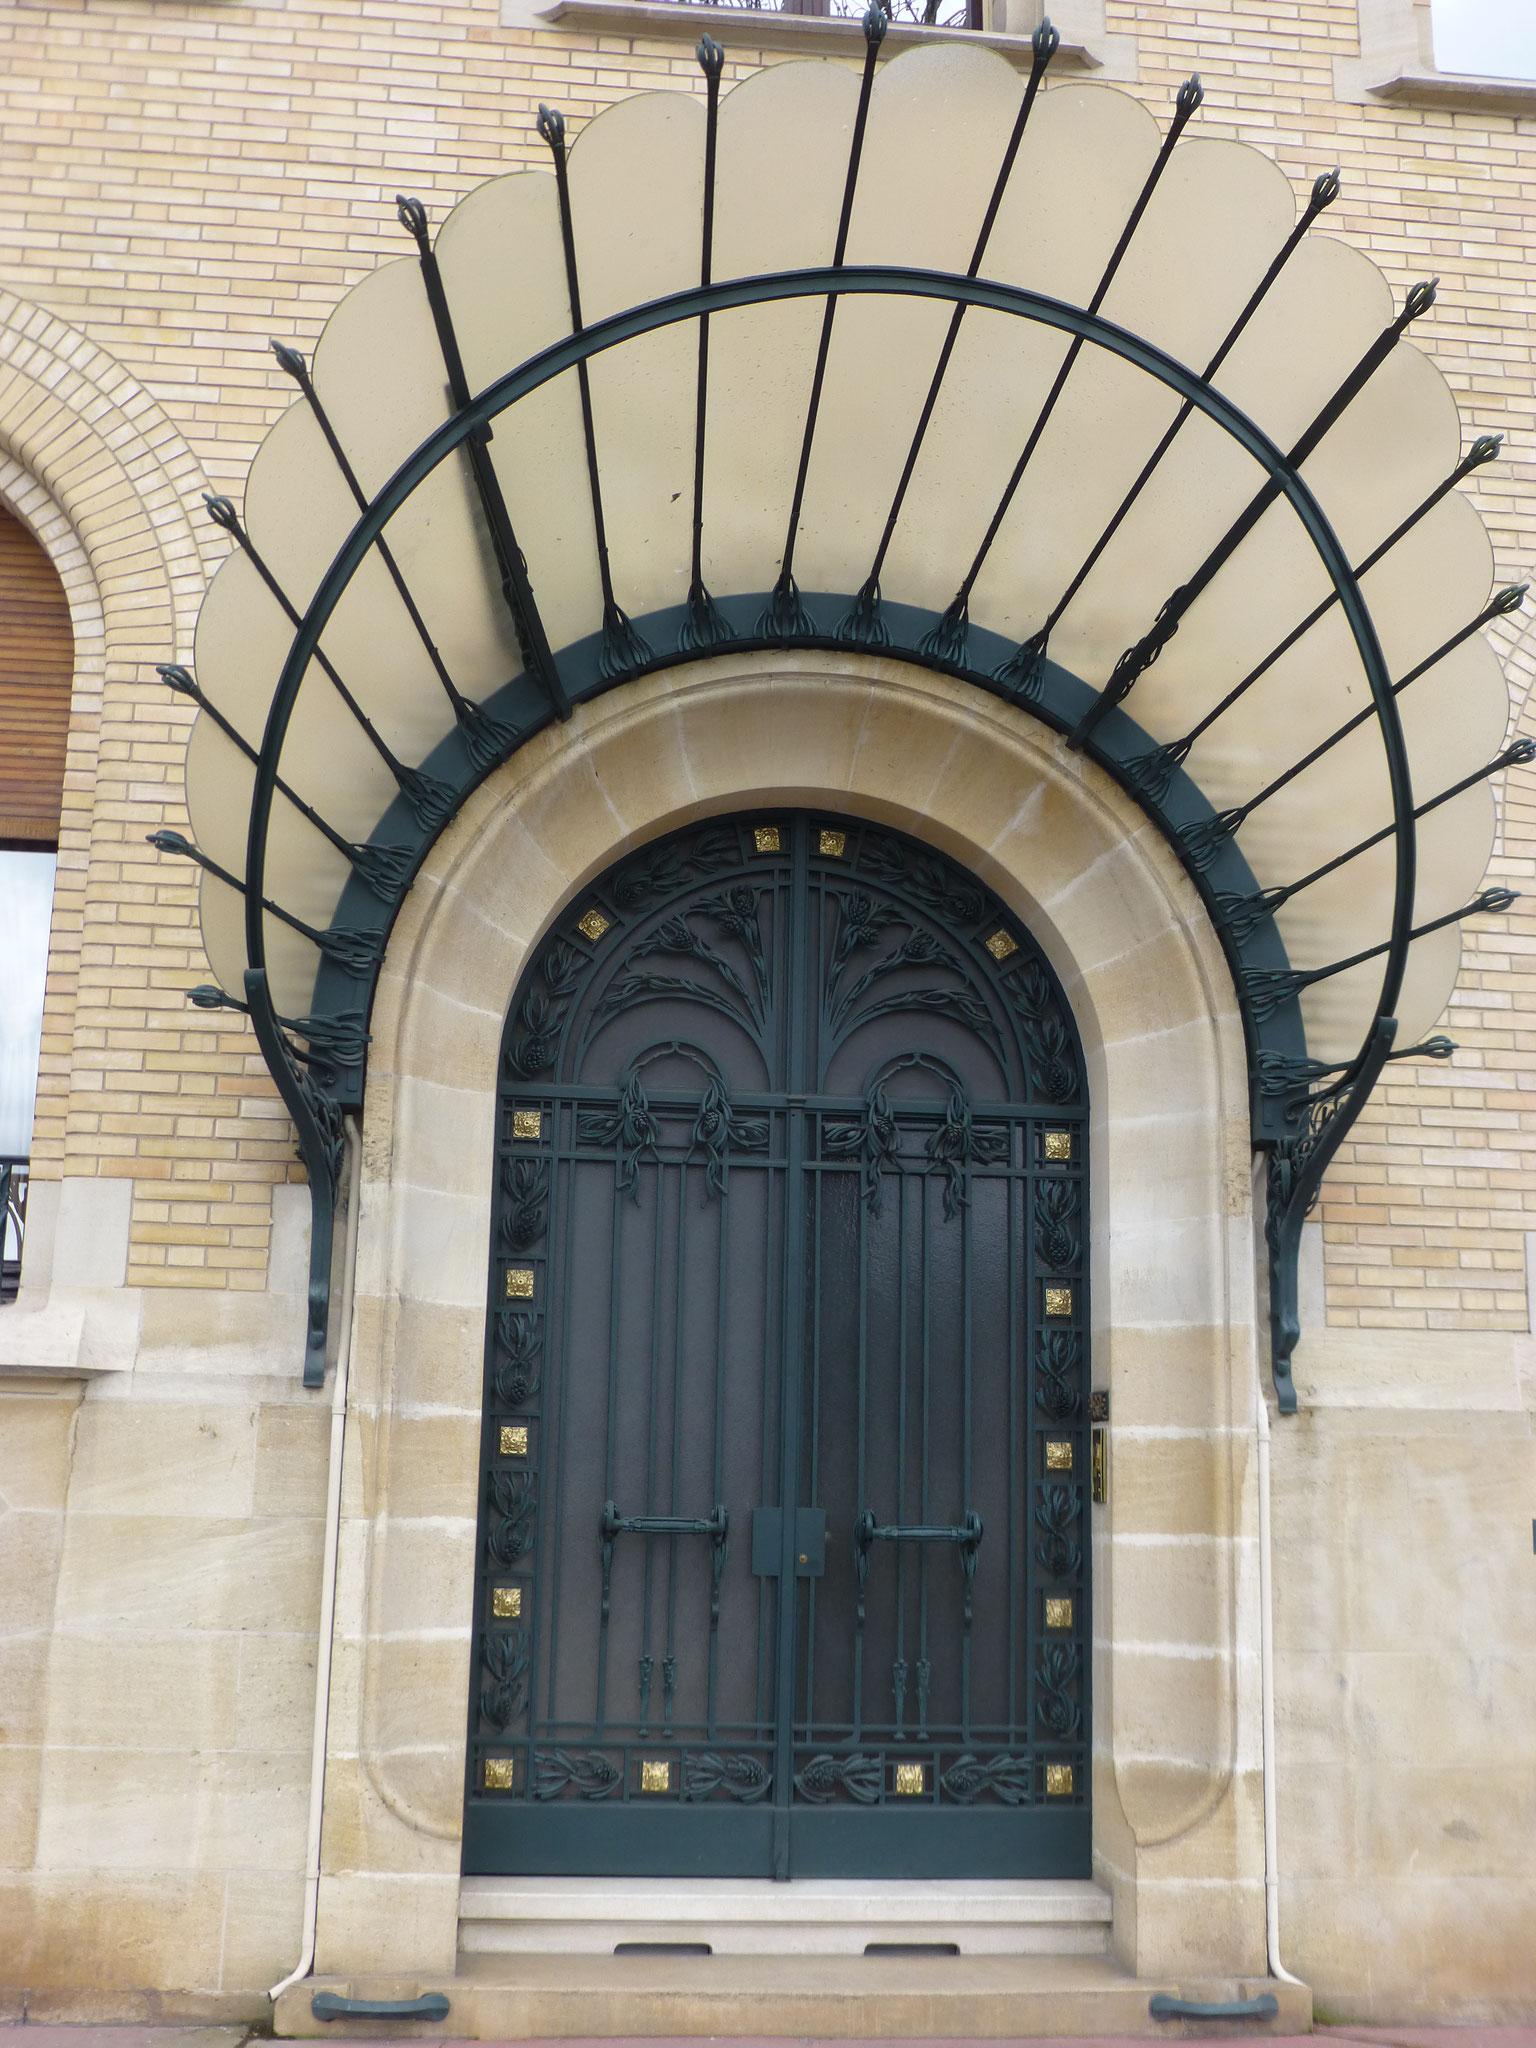 La belle entrée de l'hôtel Ferret avec sa marquise en verre et ferronnerie